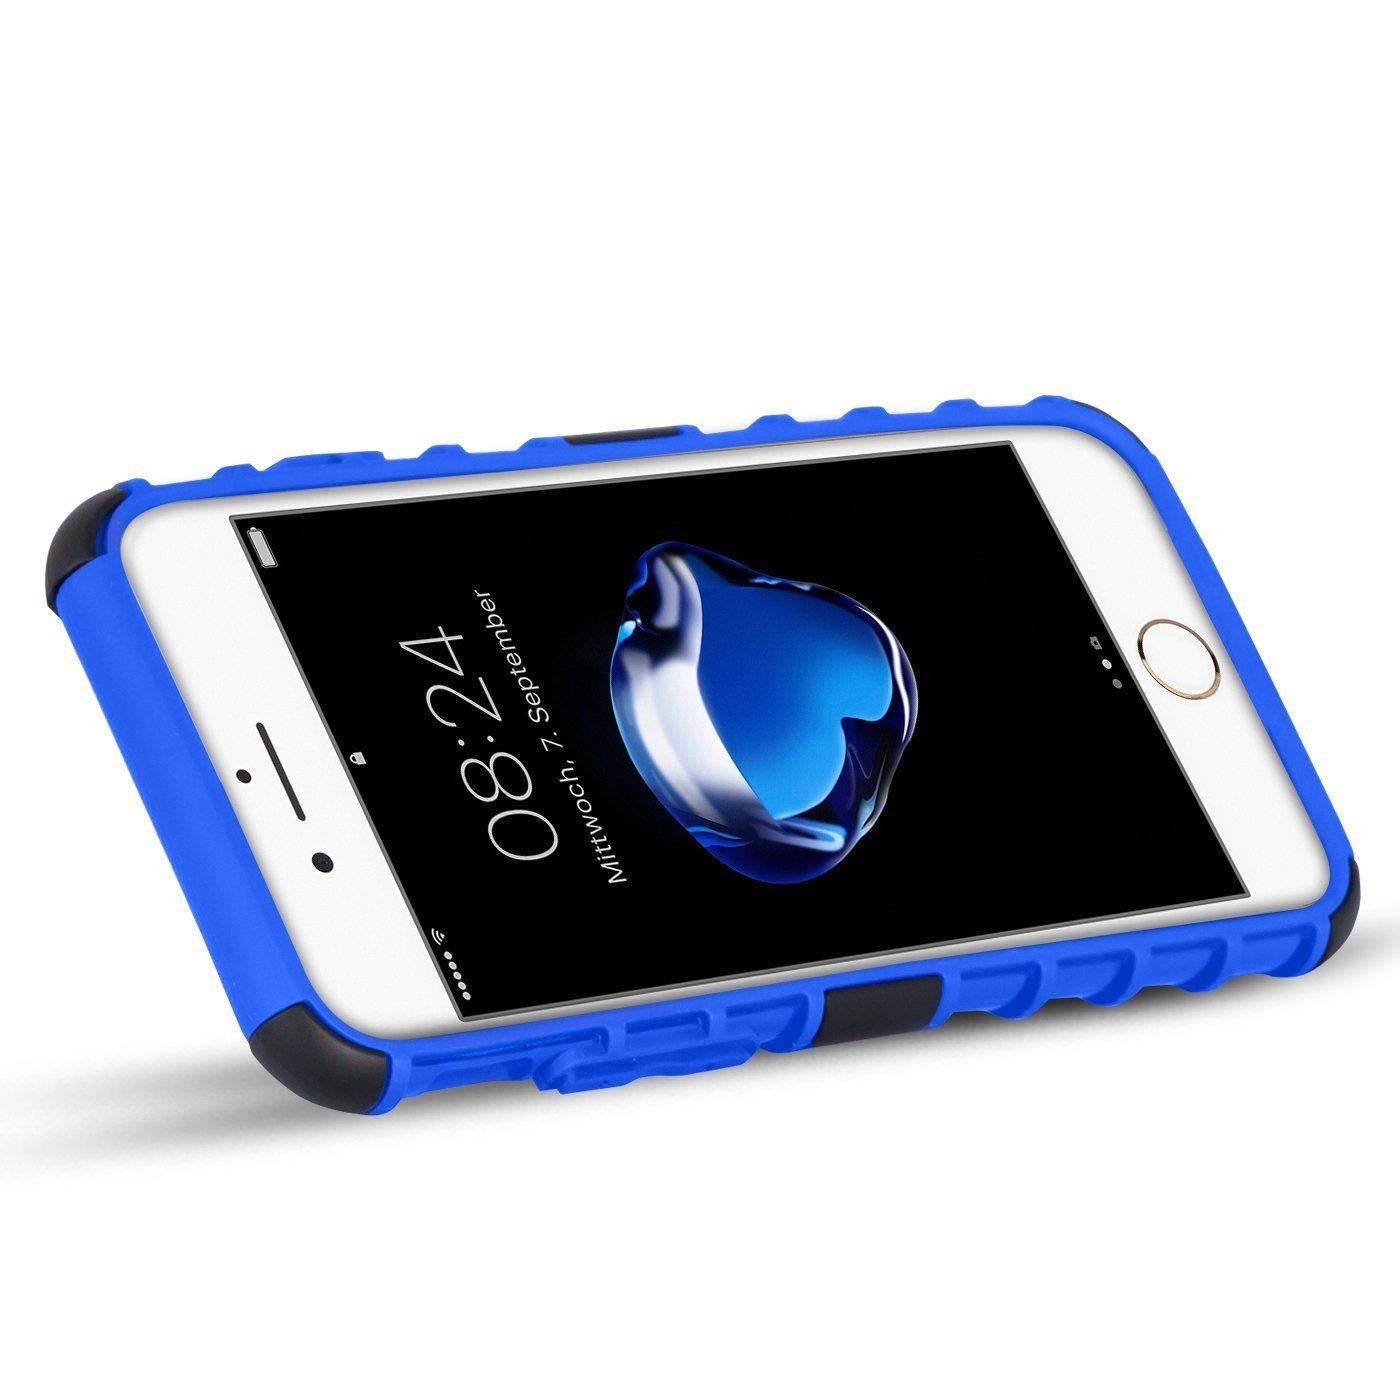 Apple-iPhone-6-S-Huelle-Hybrid-Panzer-Schutzhuelle-Handy-Schutz-Case-Cover-Tasche